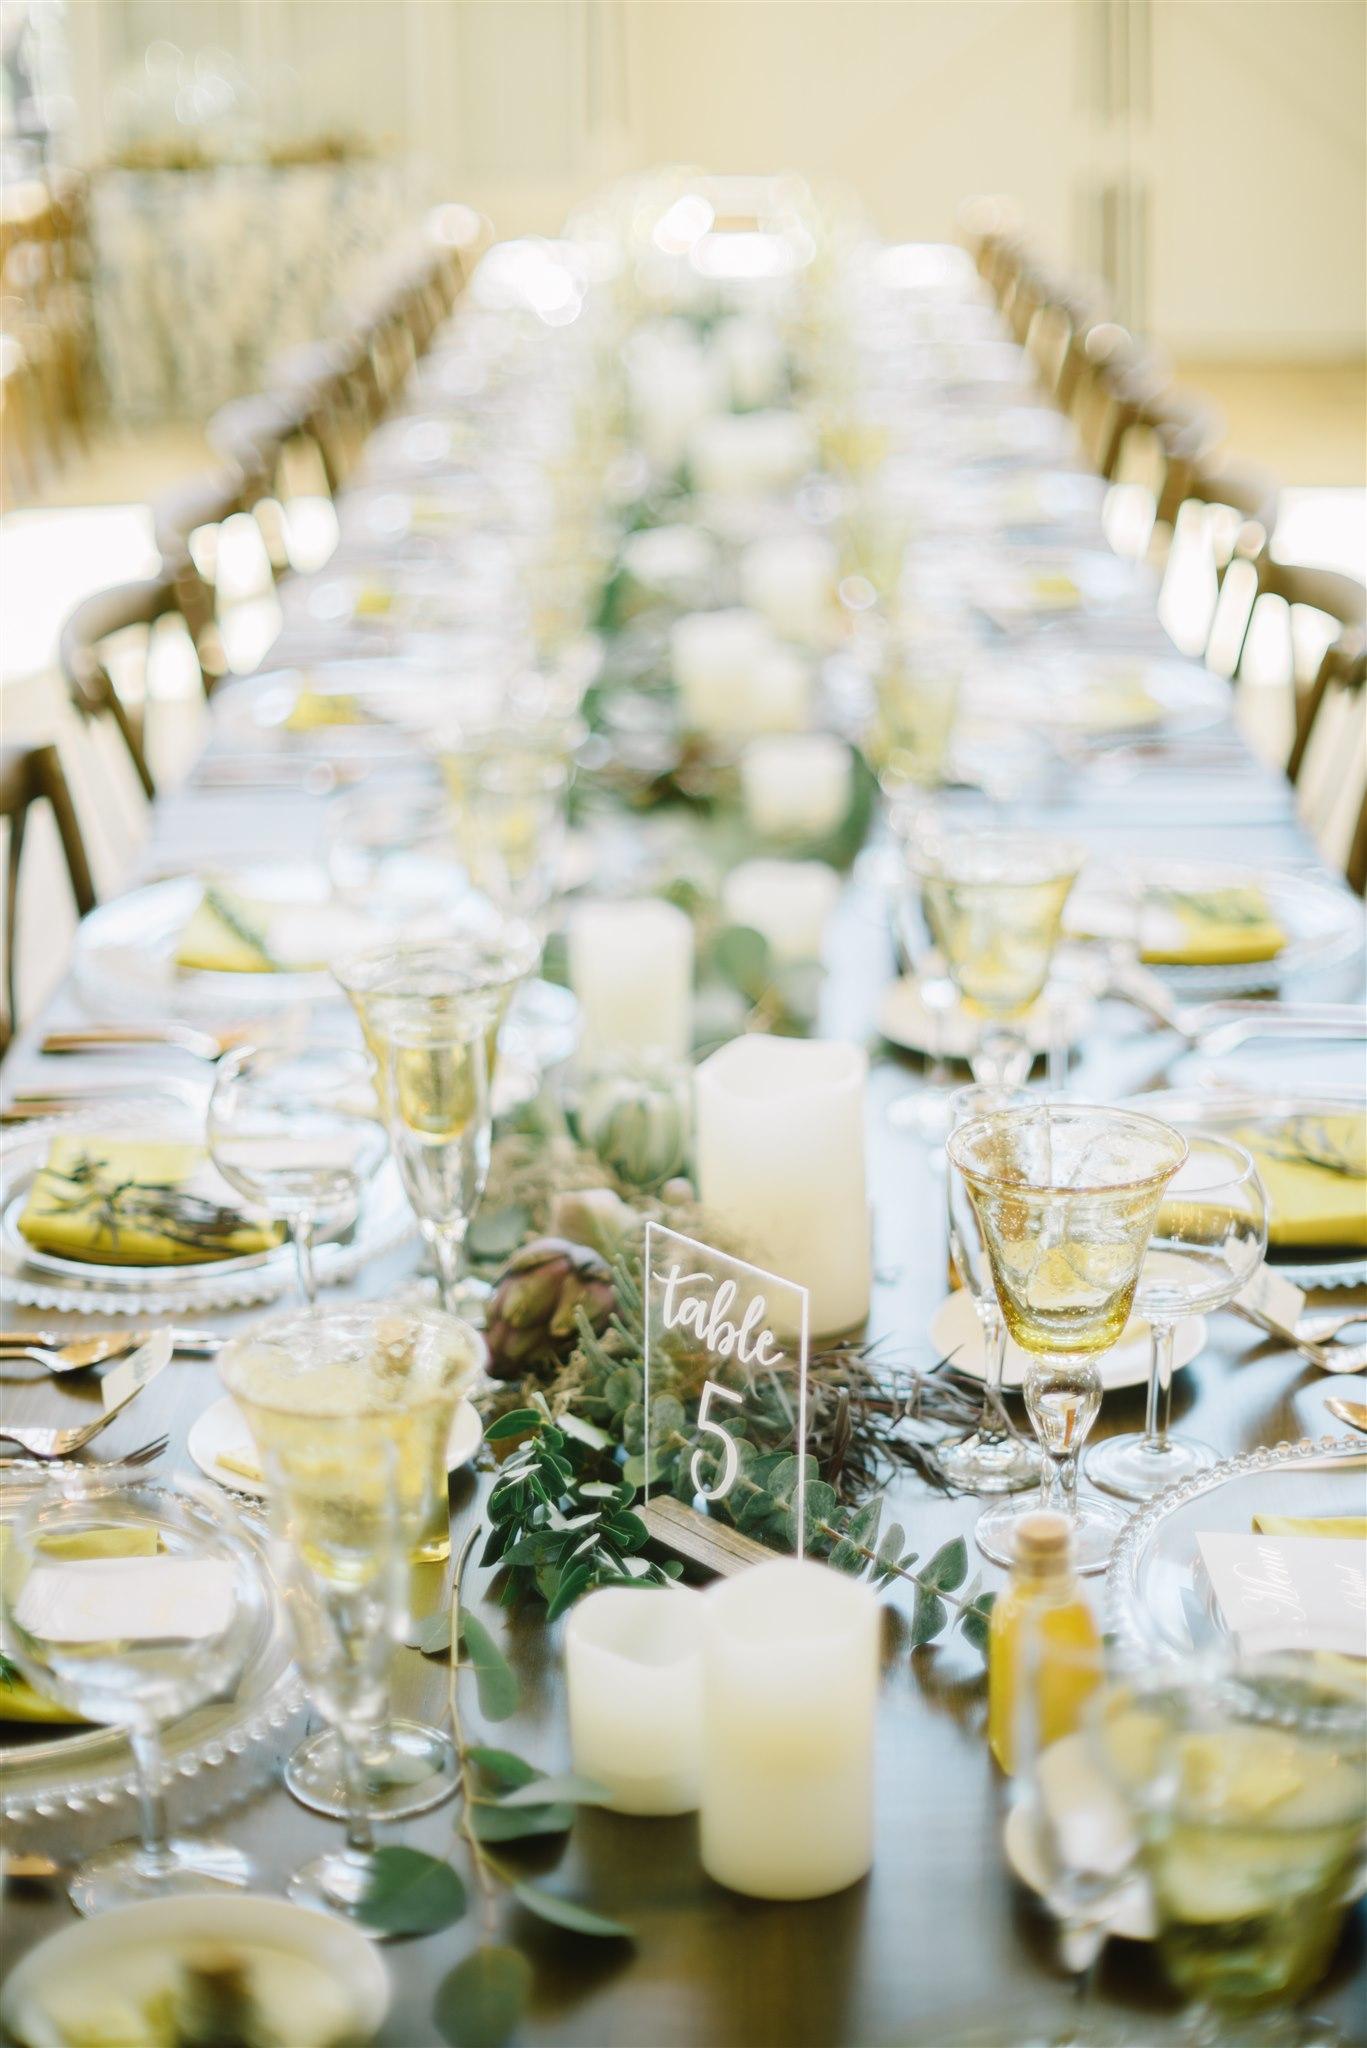 heidi_michael_wedding_05321.jpg